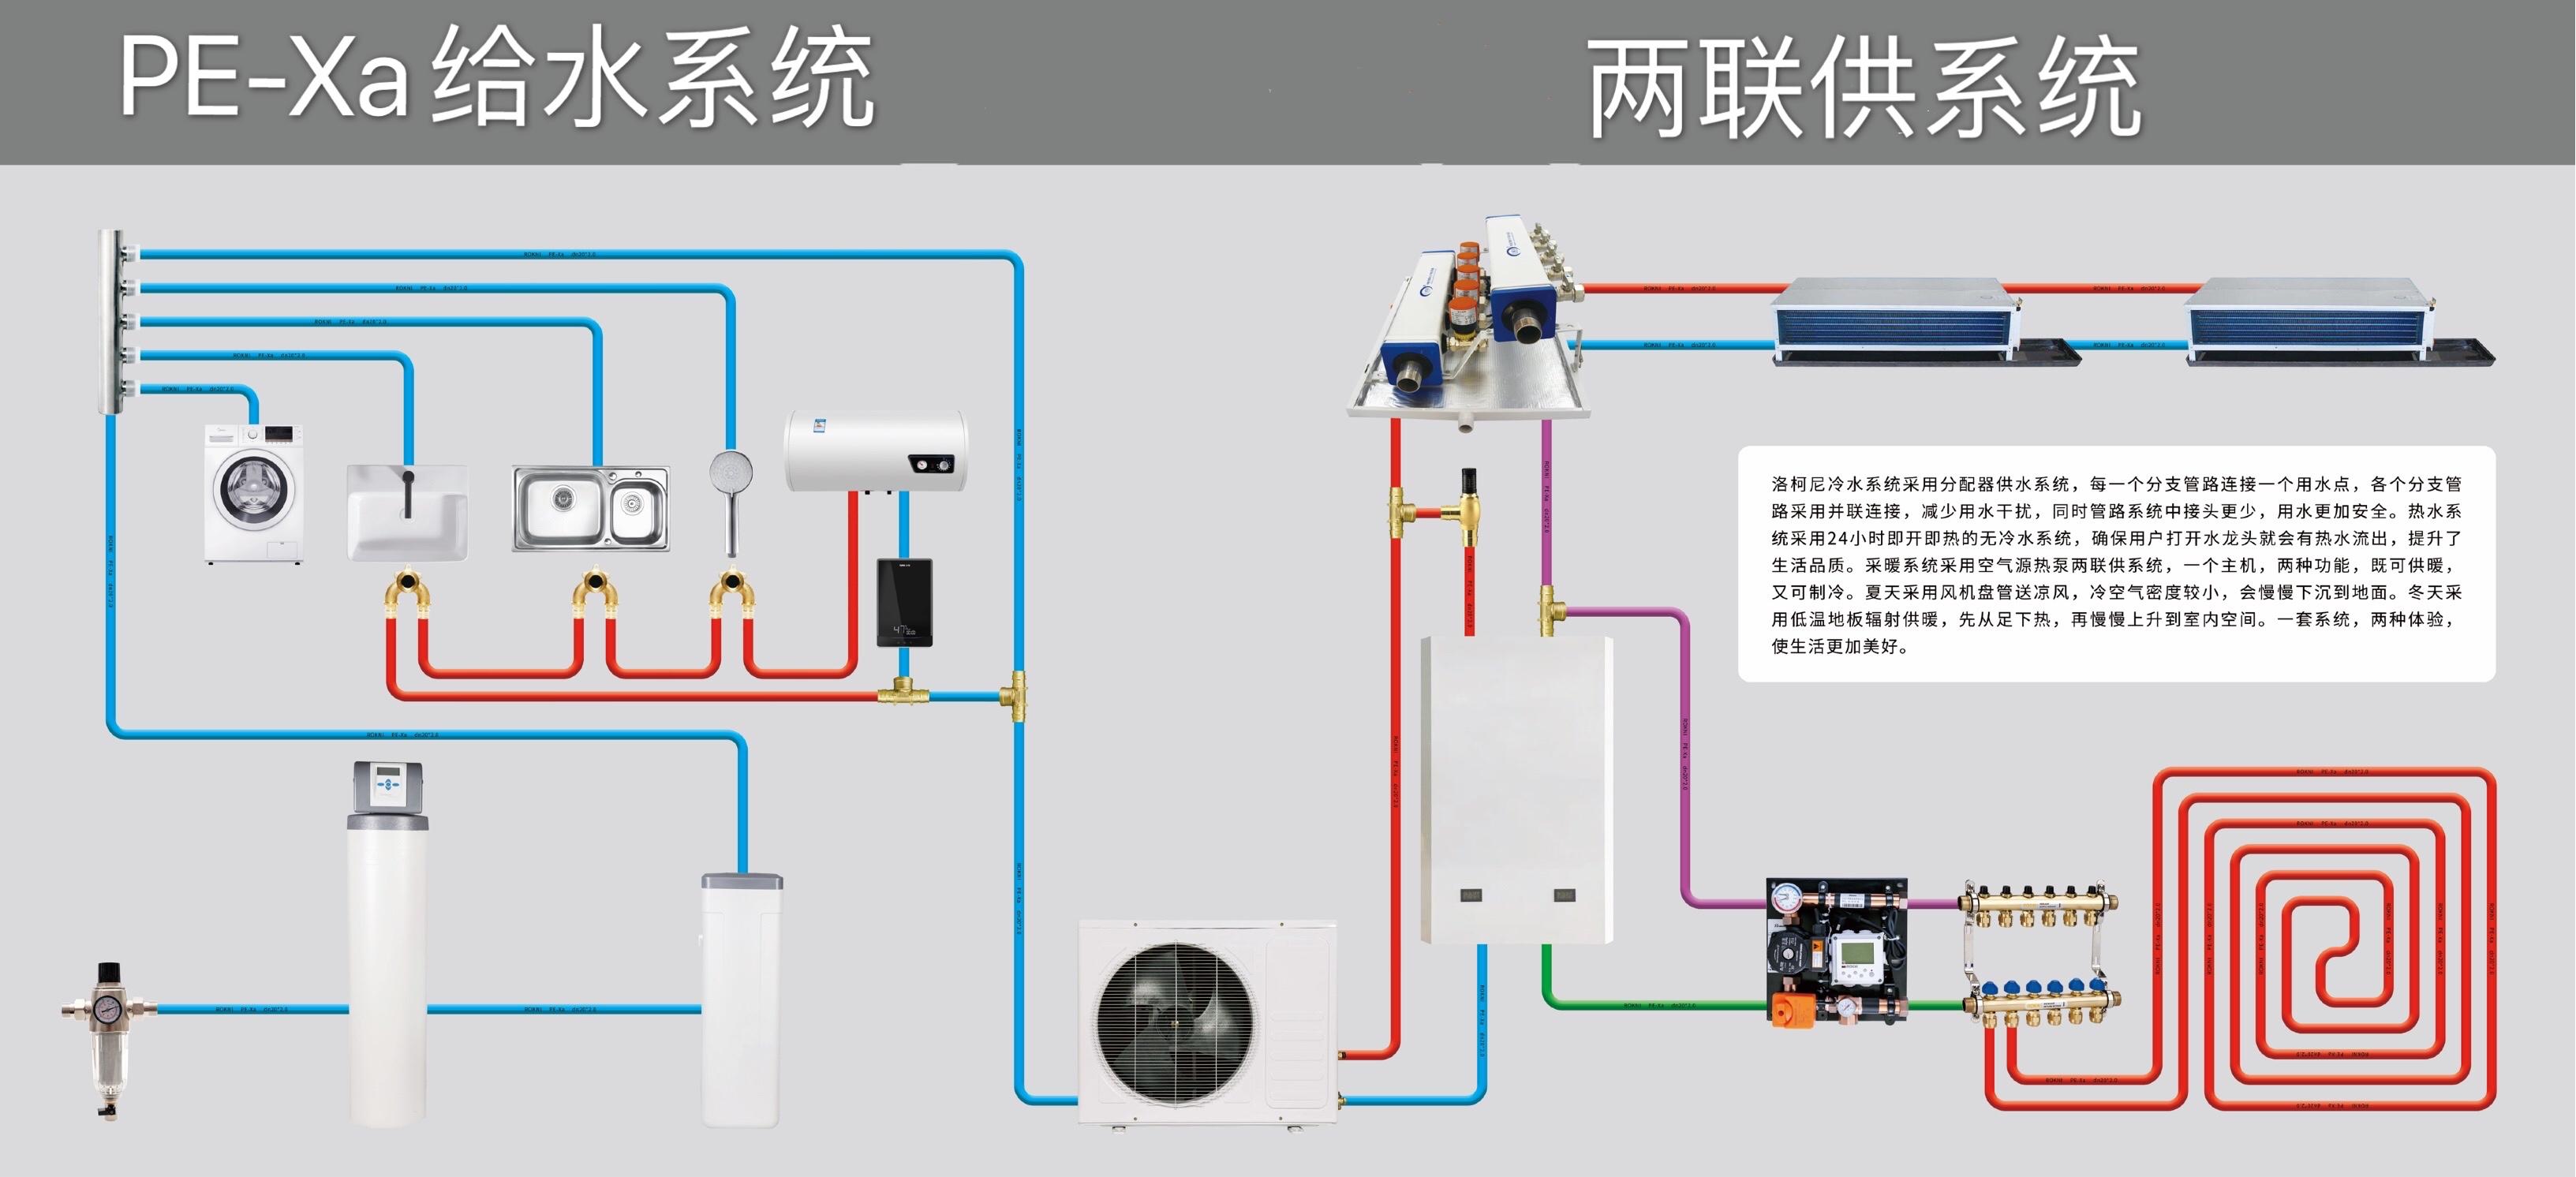 为什么热泵两联供中央空调地暖要用PE-Xa快接工艺?